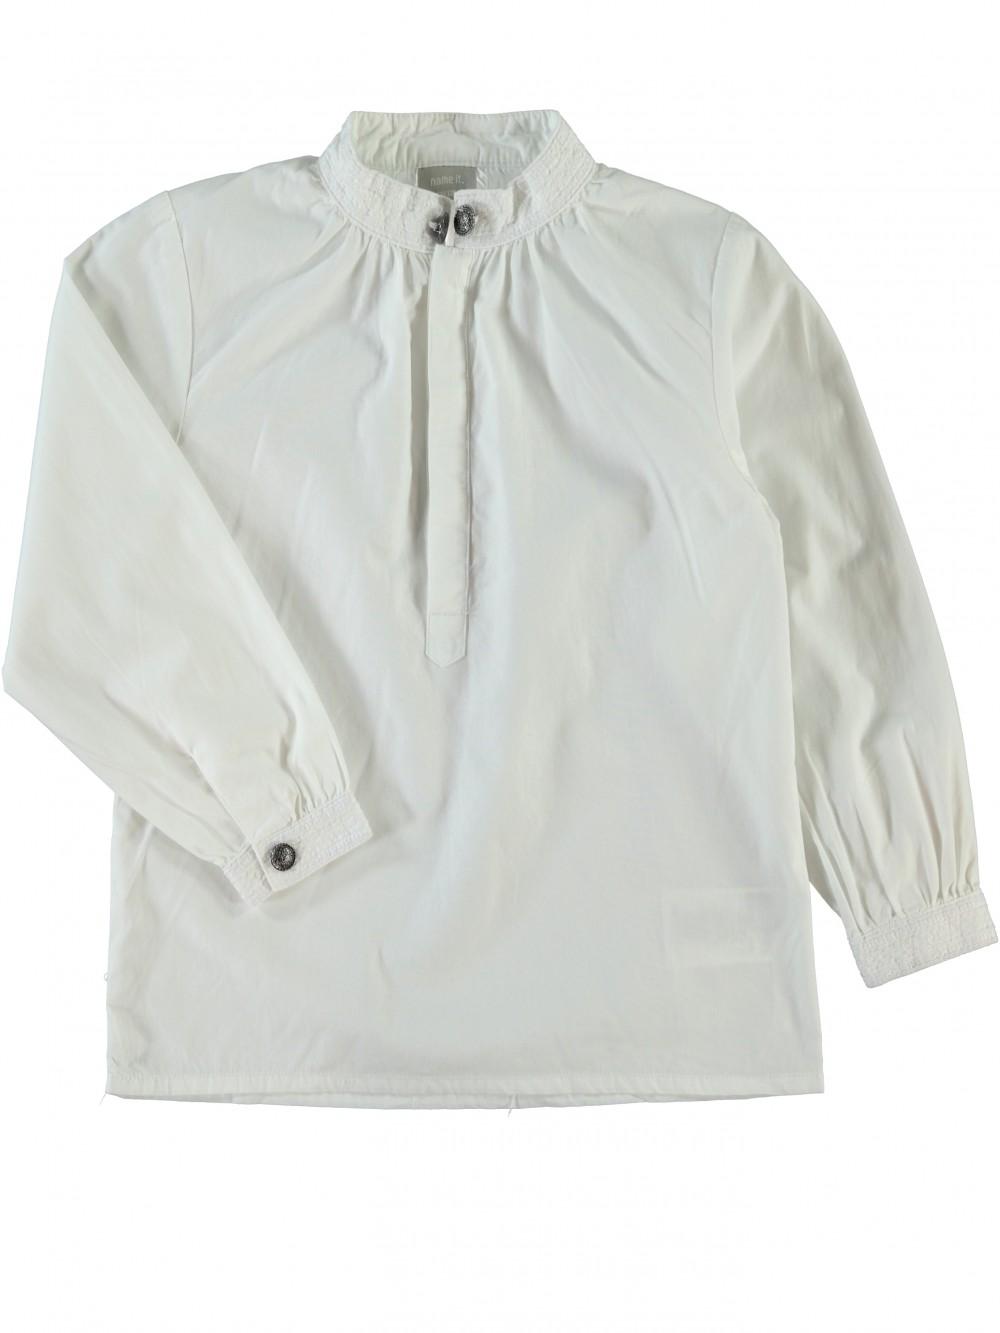 Gutt brodert skjorte | NAME IT